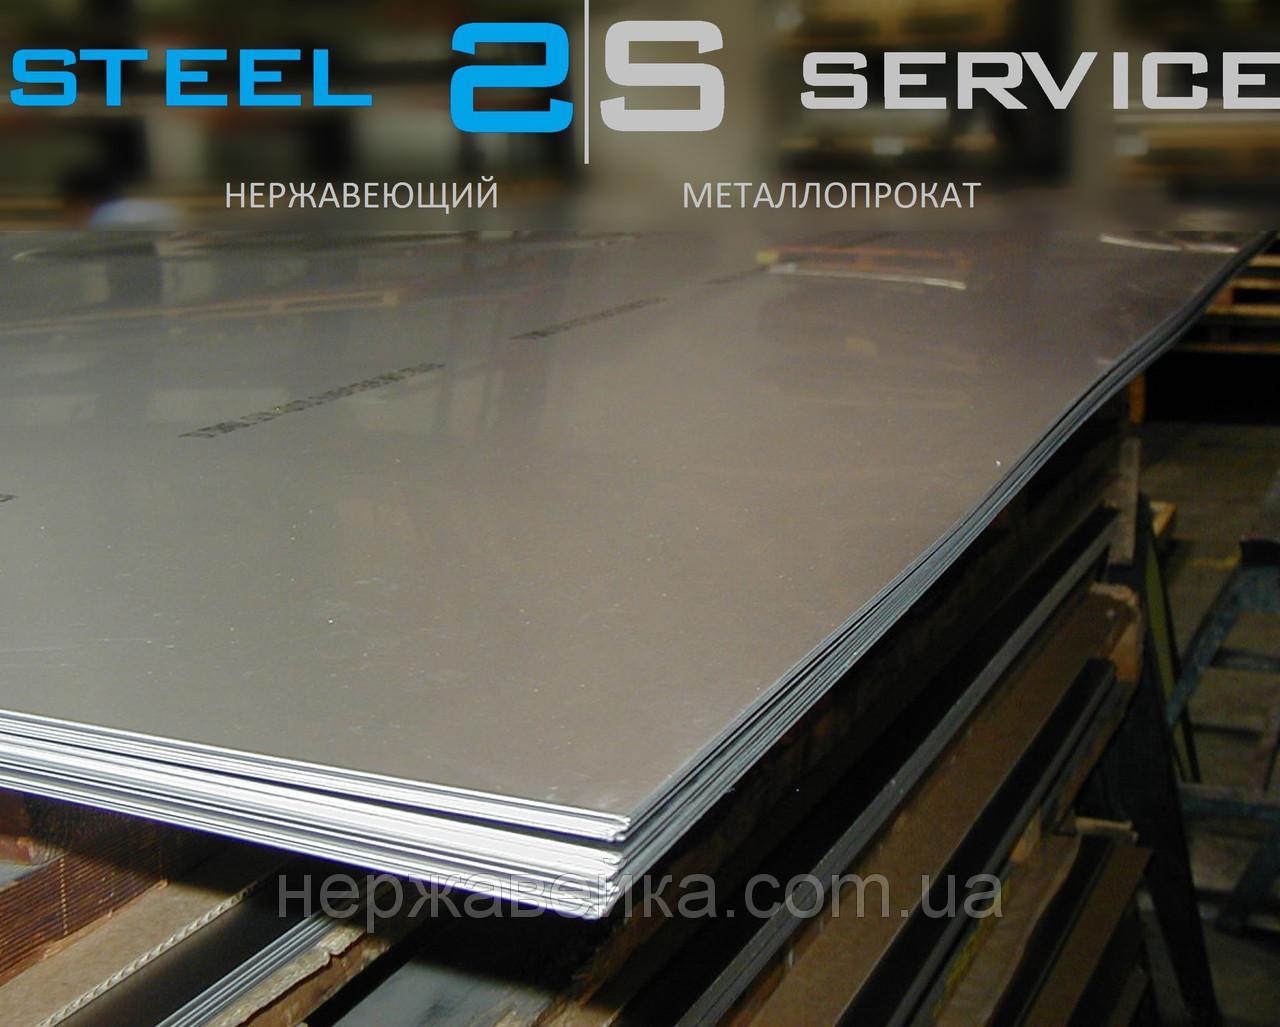 Нержавейка лист 2х1250х2500мм  AISI 316L(03Х17Н14М3) 4N - шлифованный,  кислотостойкий